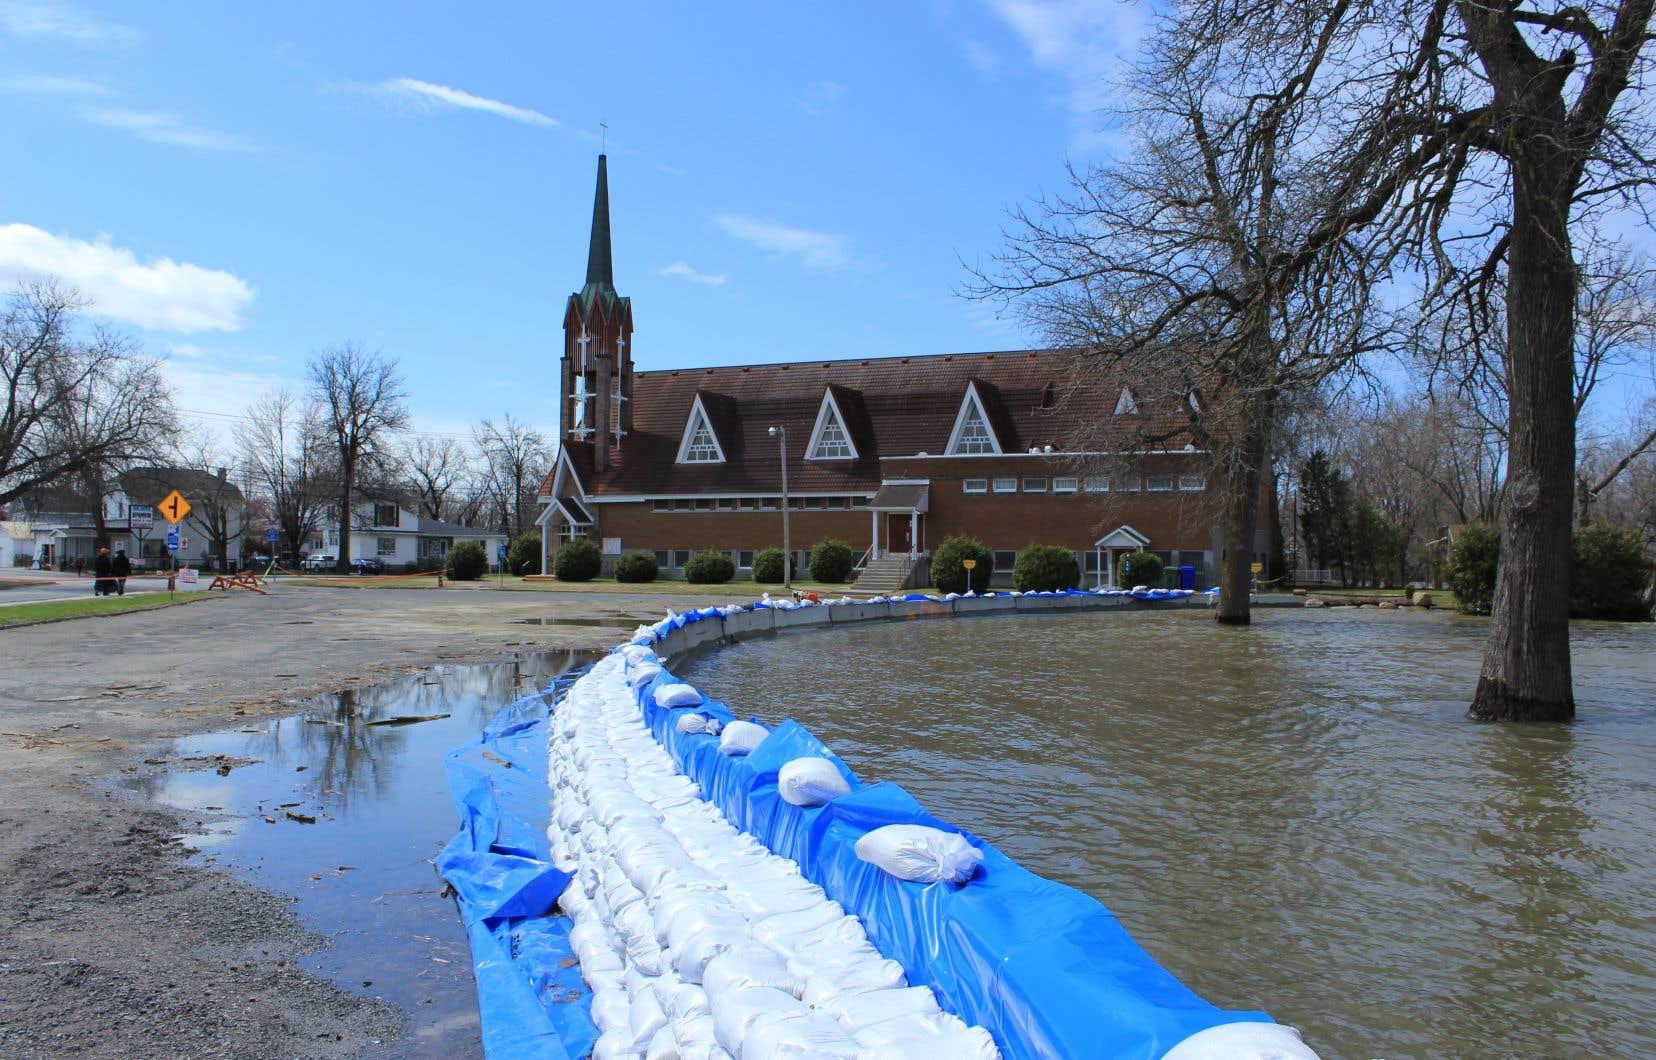 Pour les résidents de cette communauté des Basses-Laurentides, la crue printanière de 2019 rouvre des plaies encore fraîches laissées par les inondations dévastatrices de 2017.